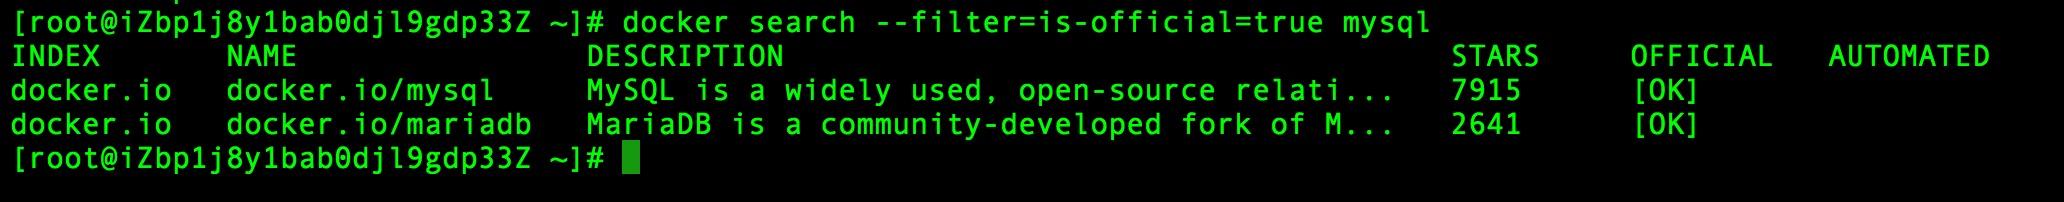 Docker 搜索官方镜像